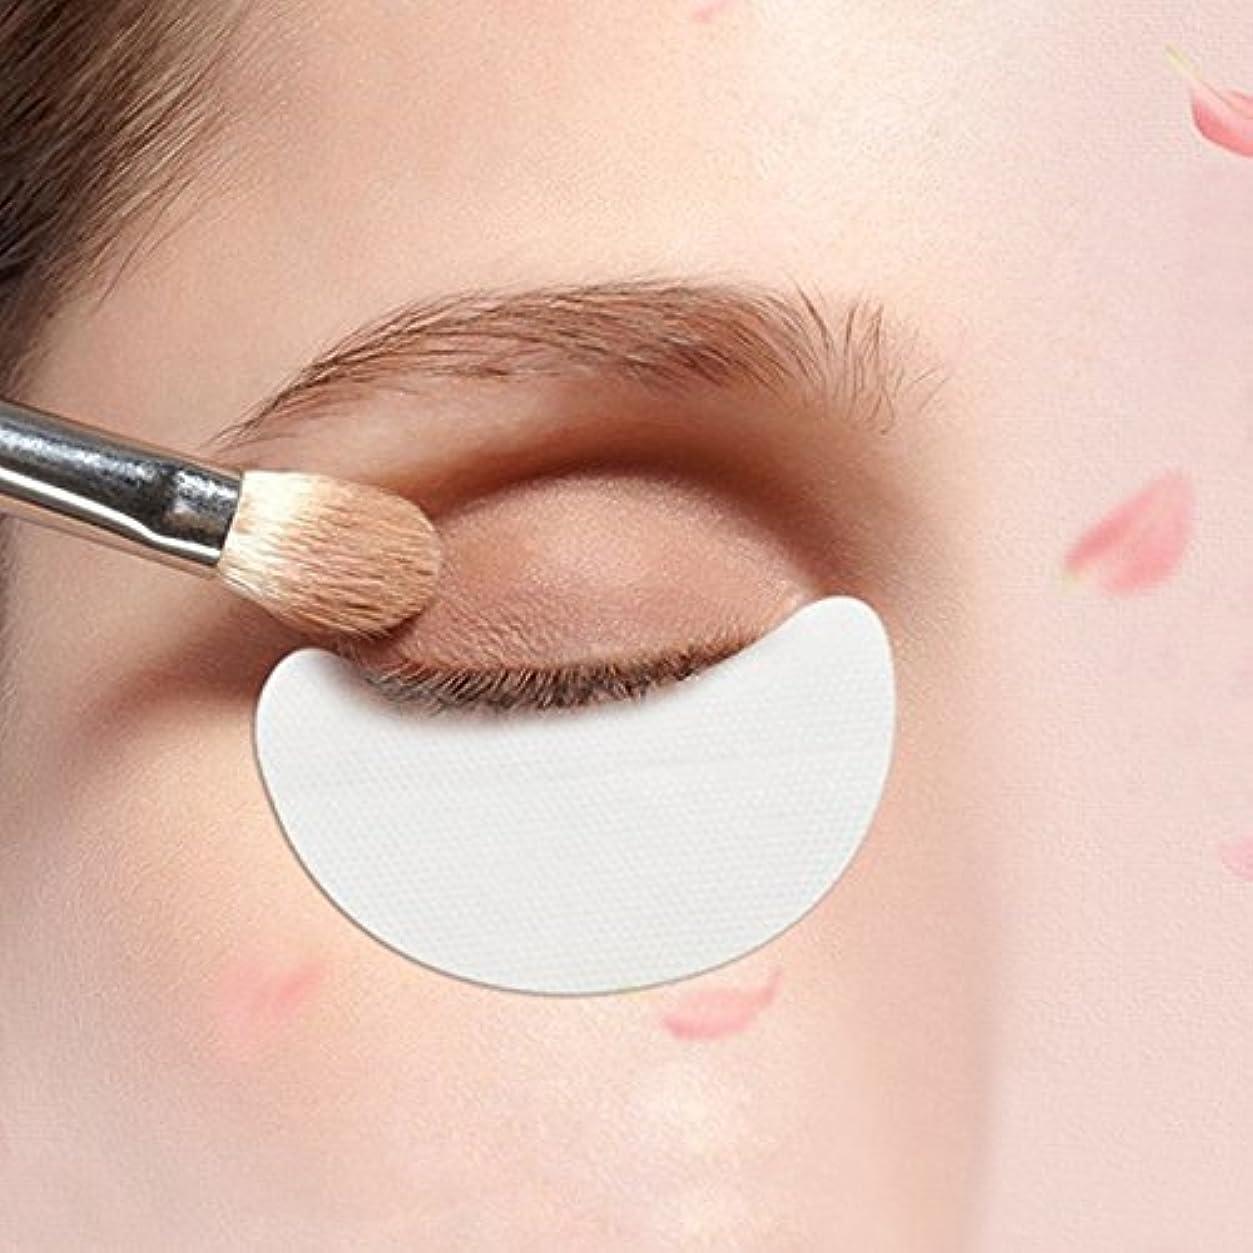 専門知識巨大側MSmask 10Pcs/Set Eyeshadow Pad Tablet Isolation Portable Beauty Women Girls Makeup